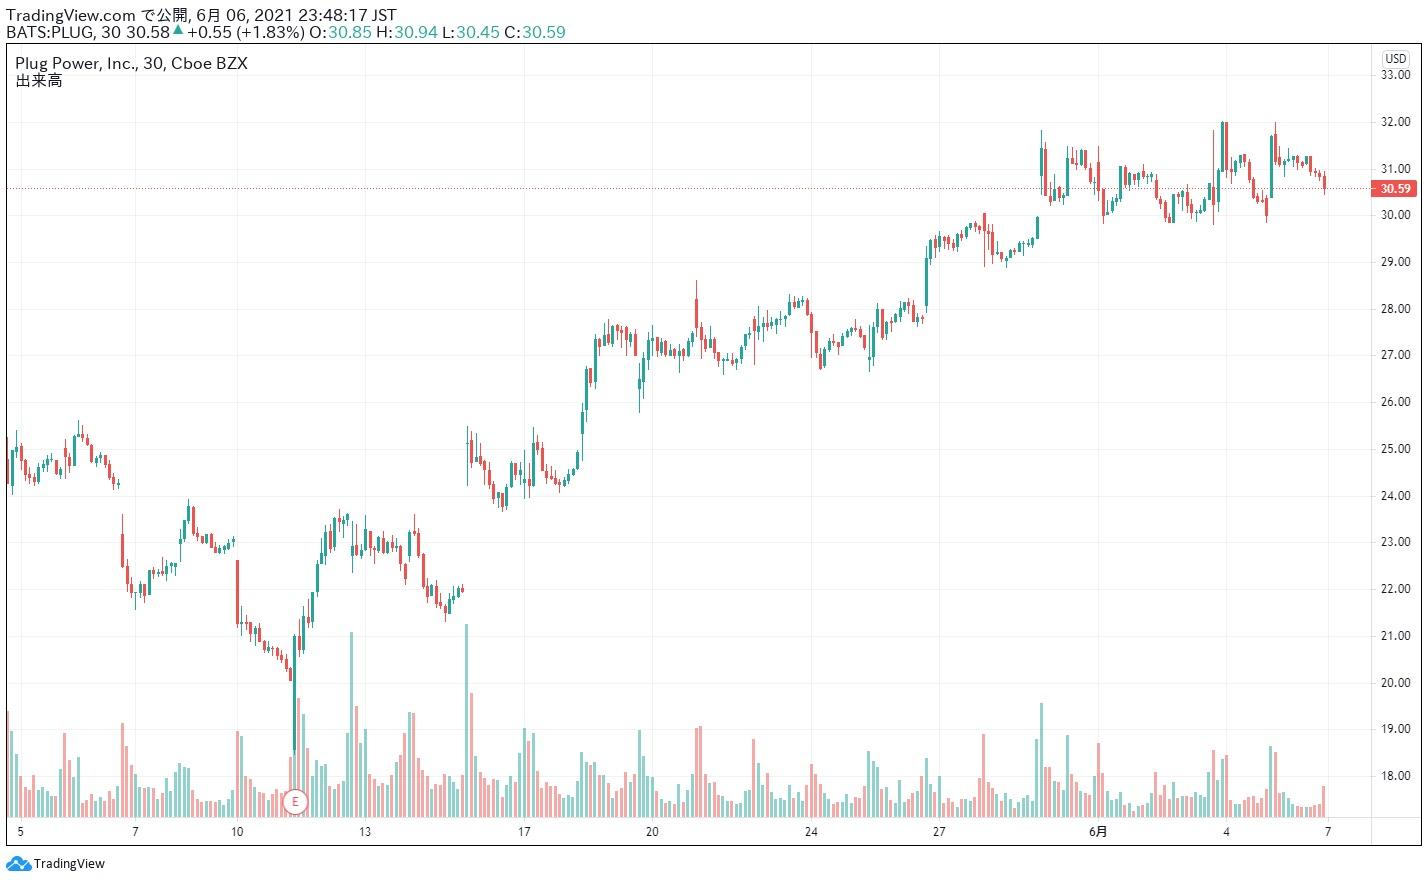 プラグ・パワー 株価